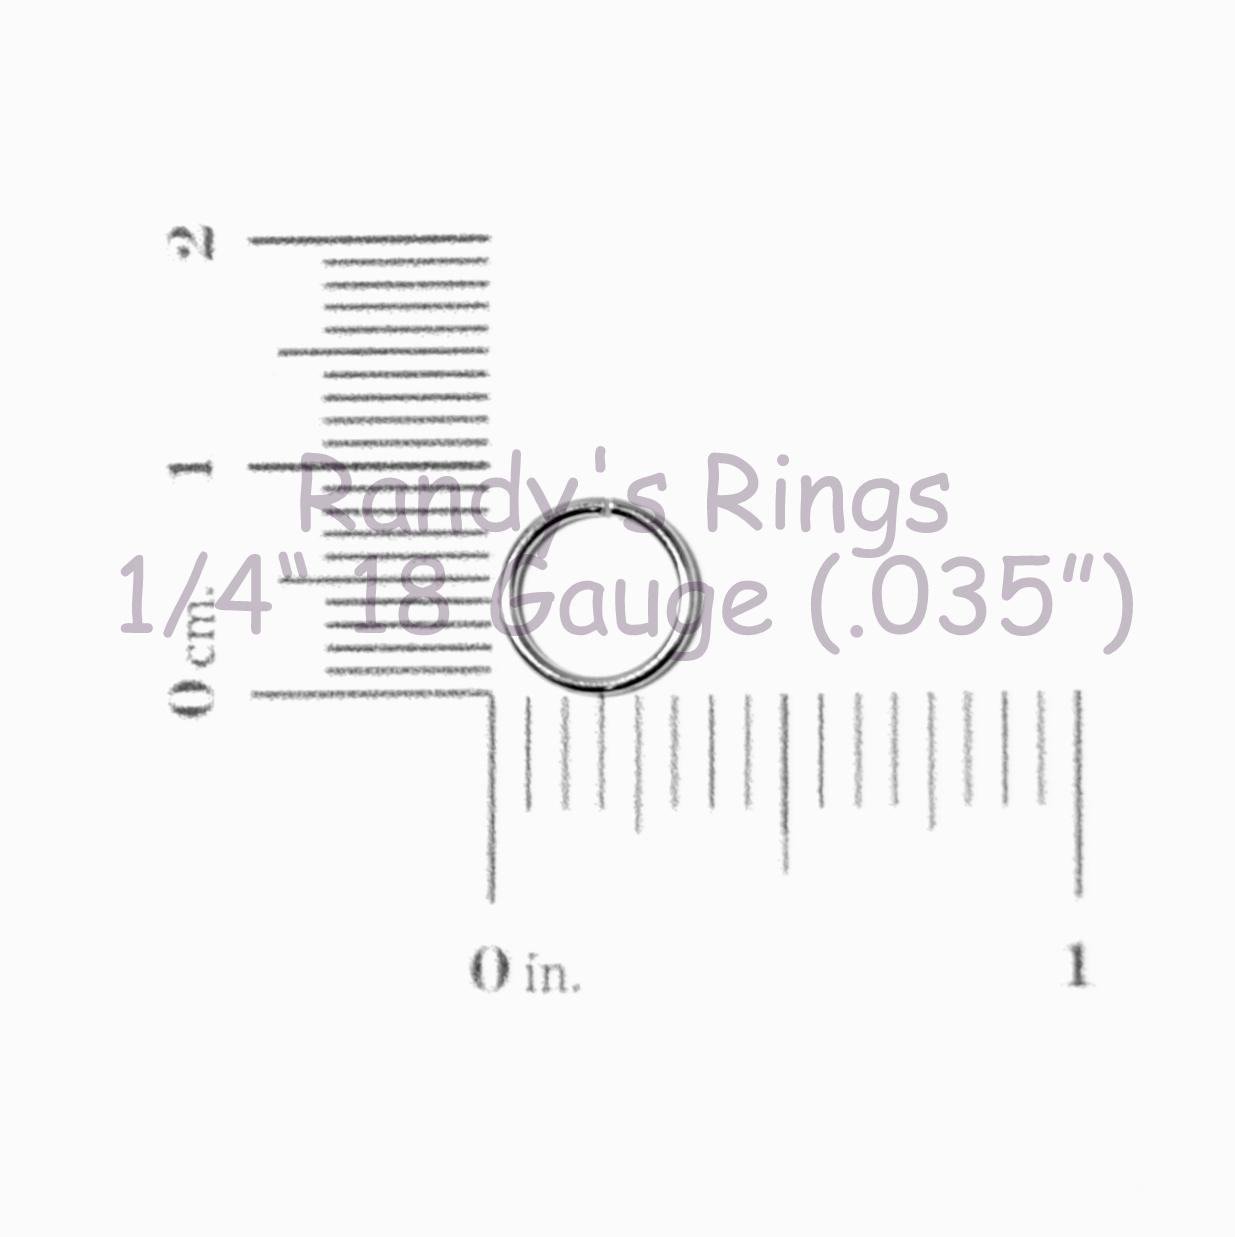 1 4 18 Gauge 035 Jump Rings